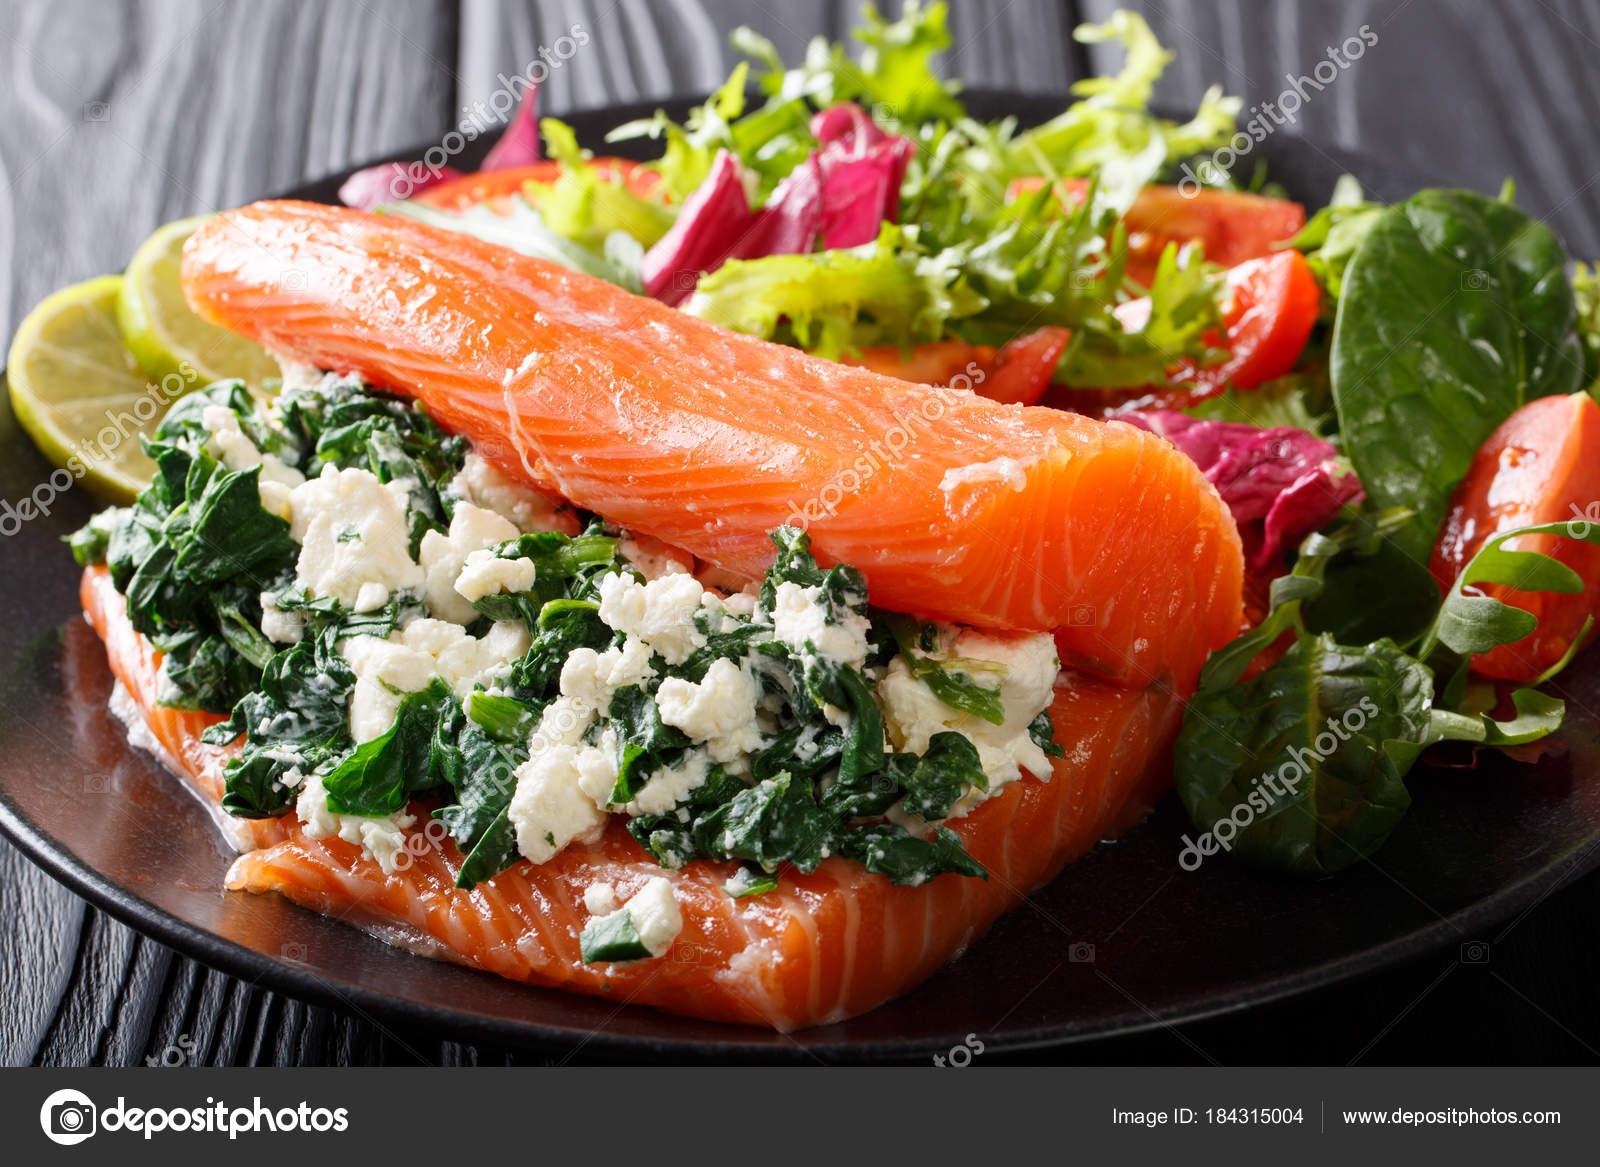 Pyszne Zdrowe Jedzenie Solone Lososia Faszerowane Szpinakiem I C